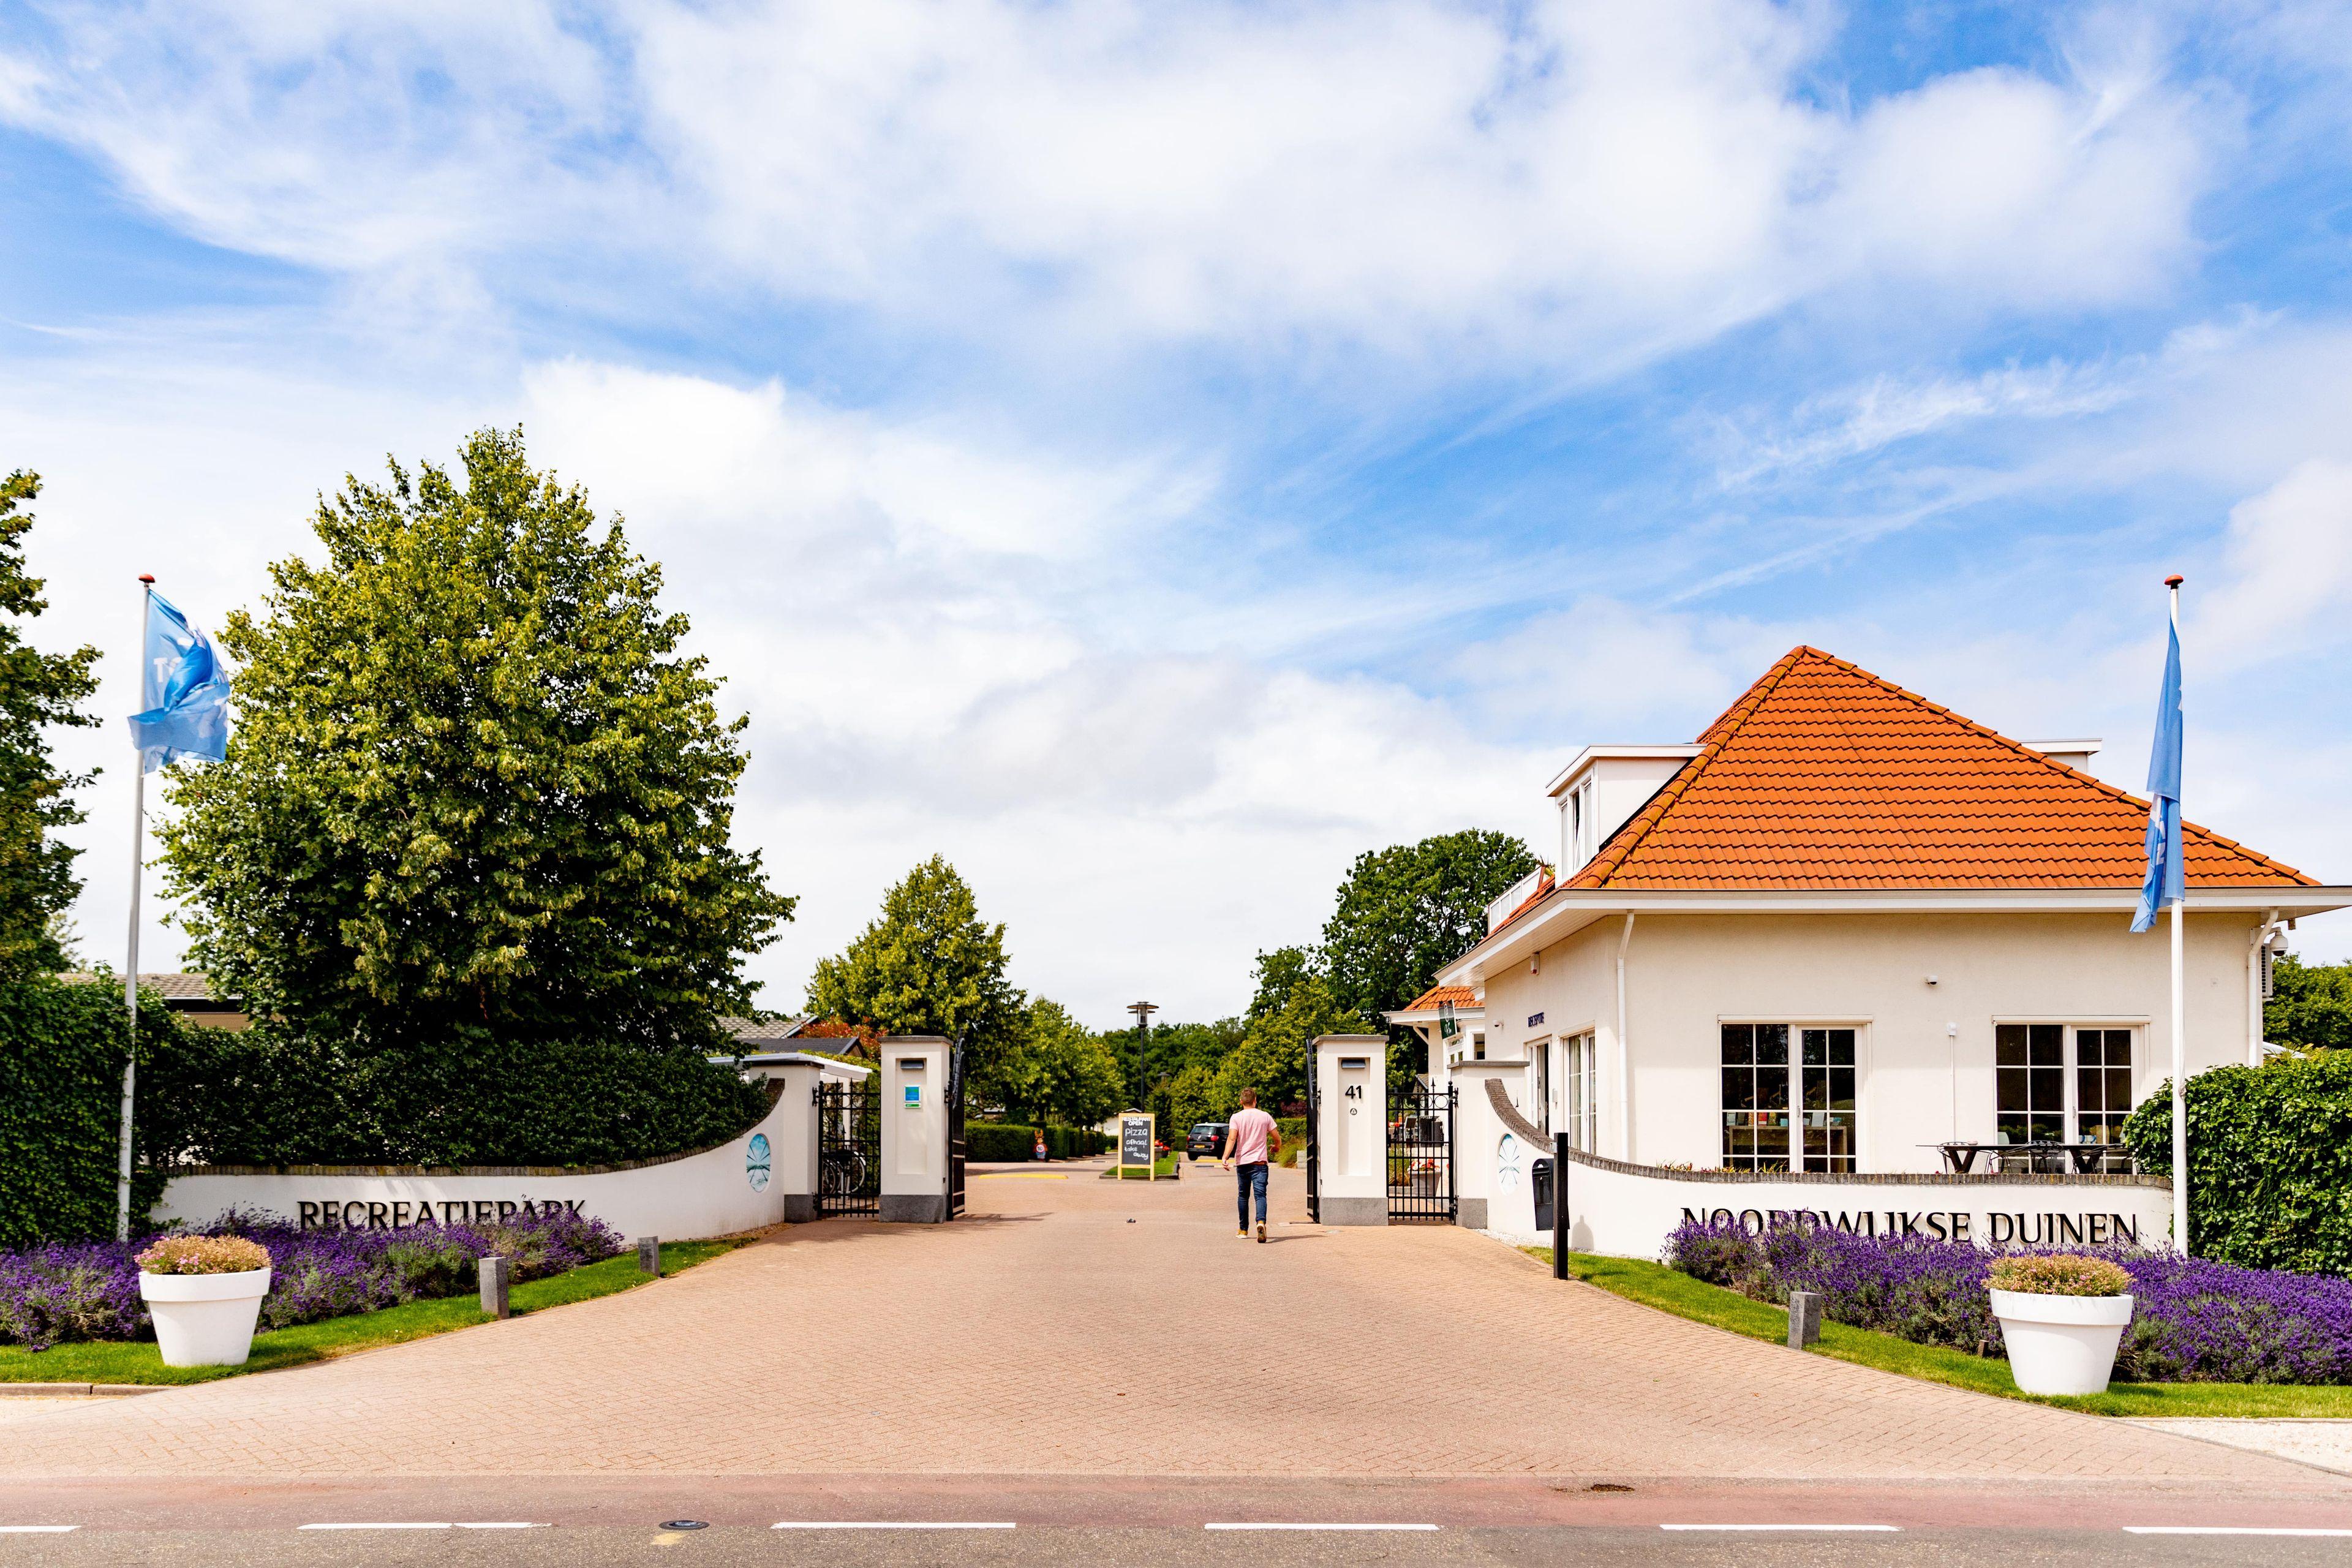 Korting bungalow Kust Nederland 🏕️EuroParcs Resort Noordwijkse Duinen